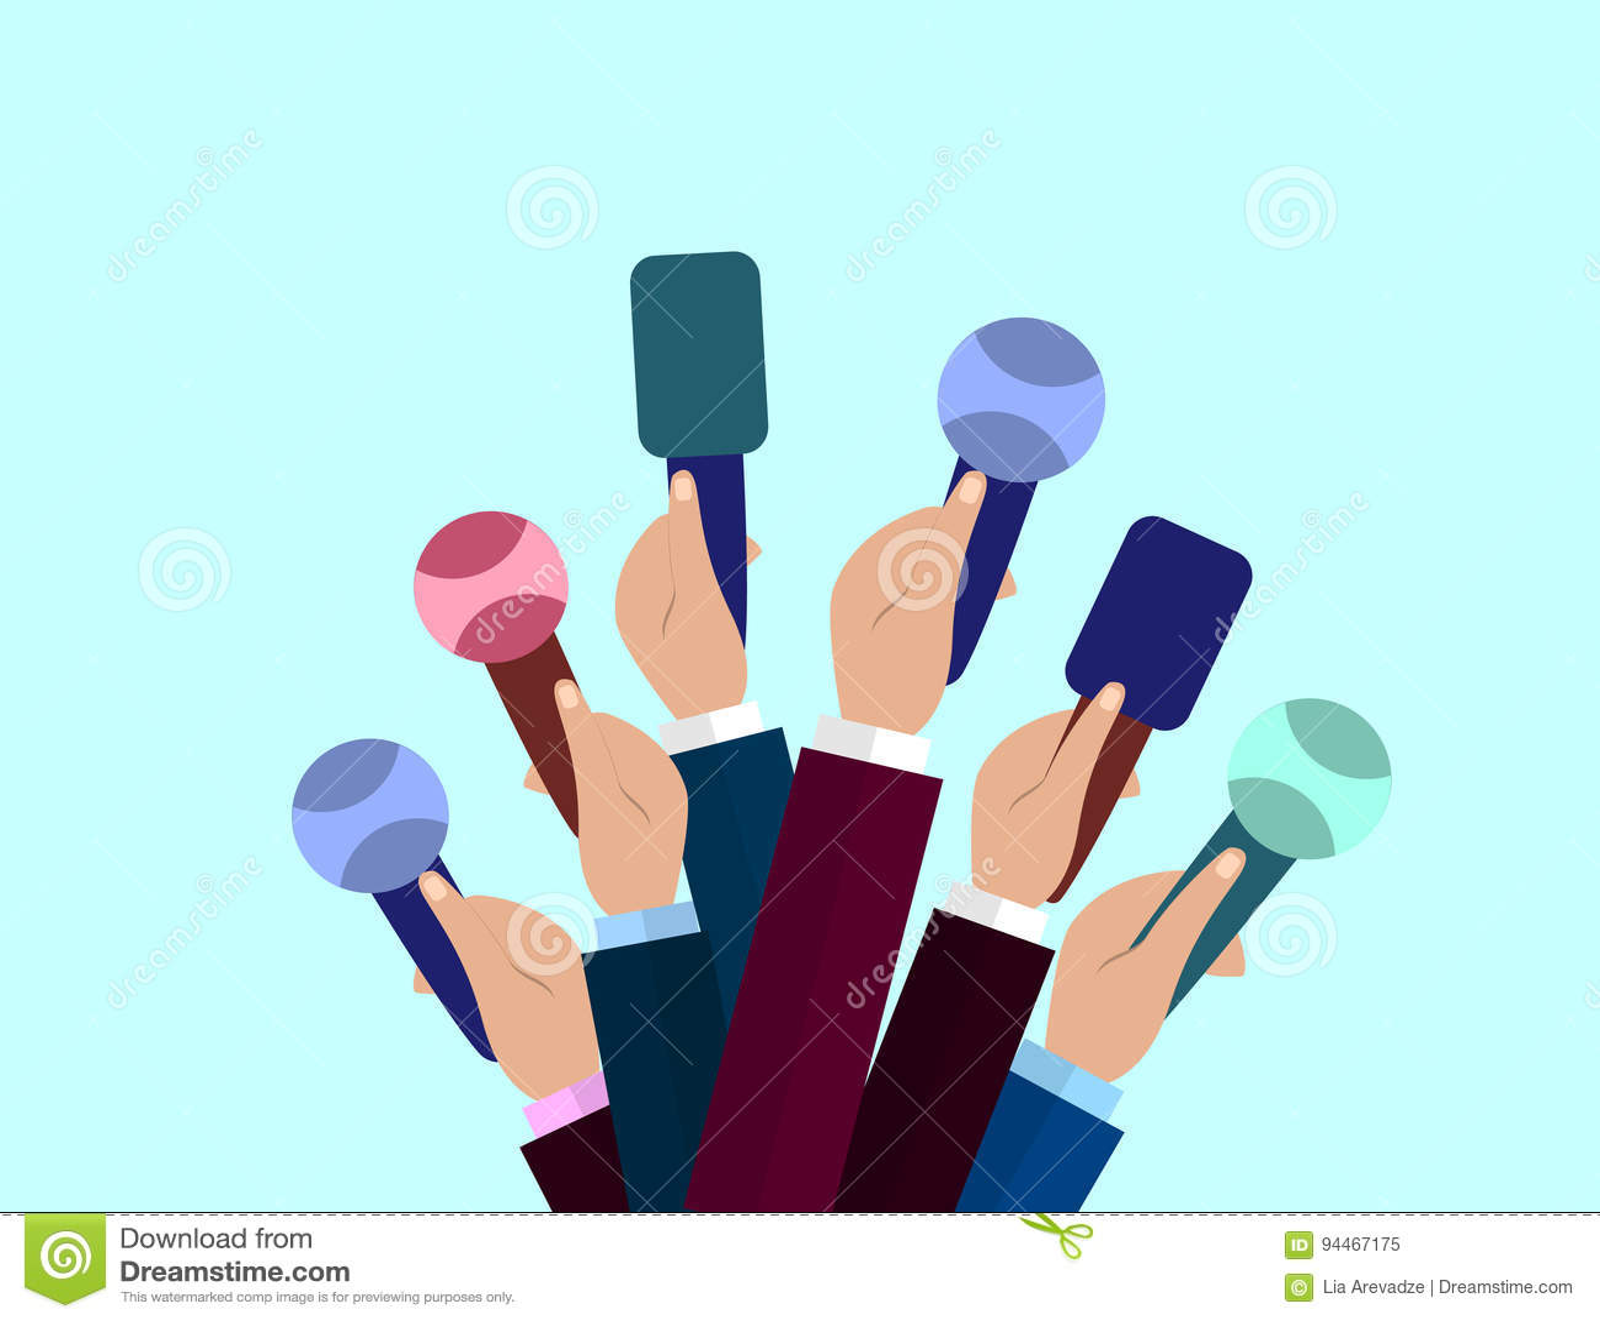 Set mikrofony Dziennikarstwa pojęcie, środki masowego przekazu, TV, wywiad, wiadomość dnia, konferenci prasowej pojęcie Mikrofony